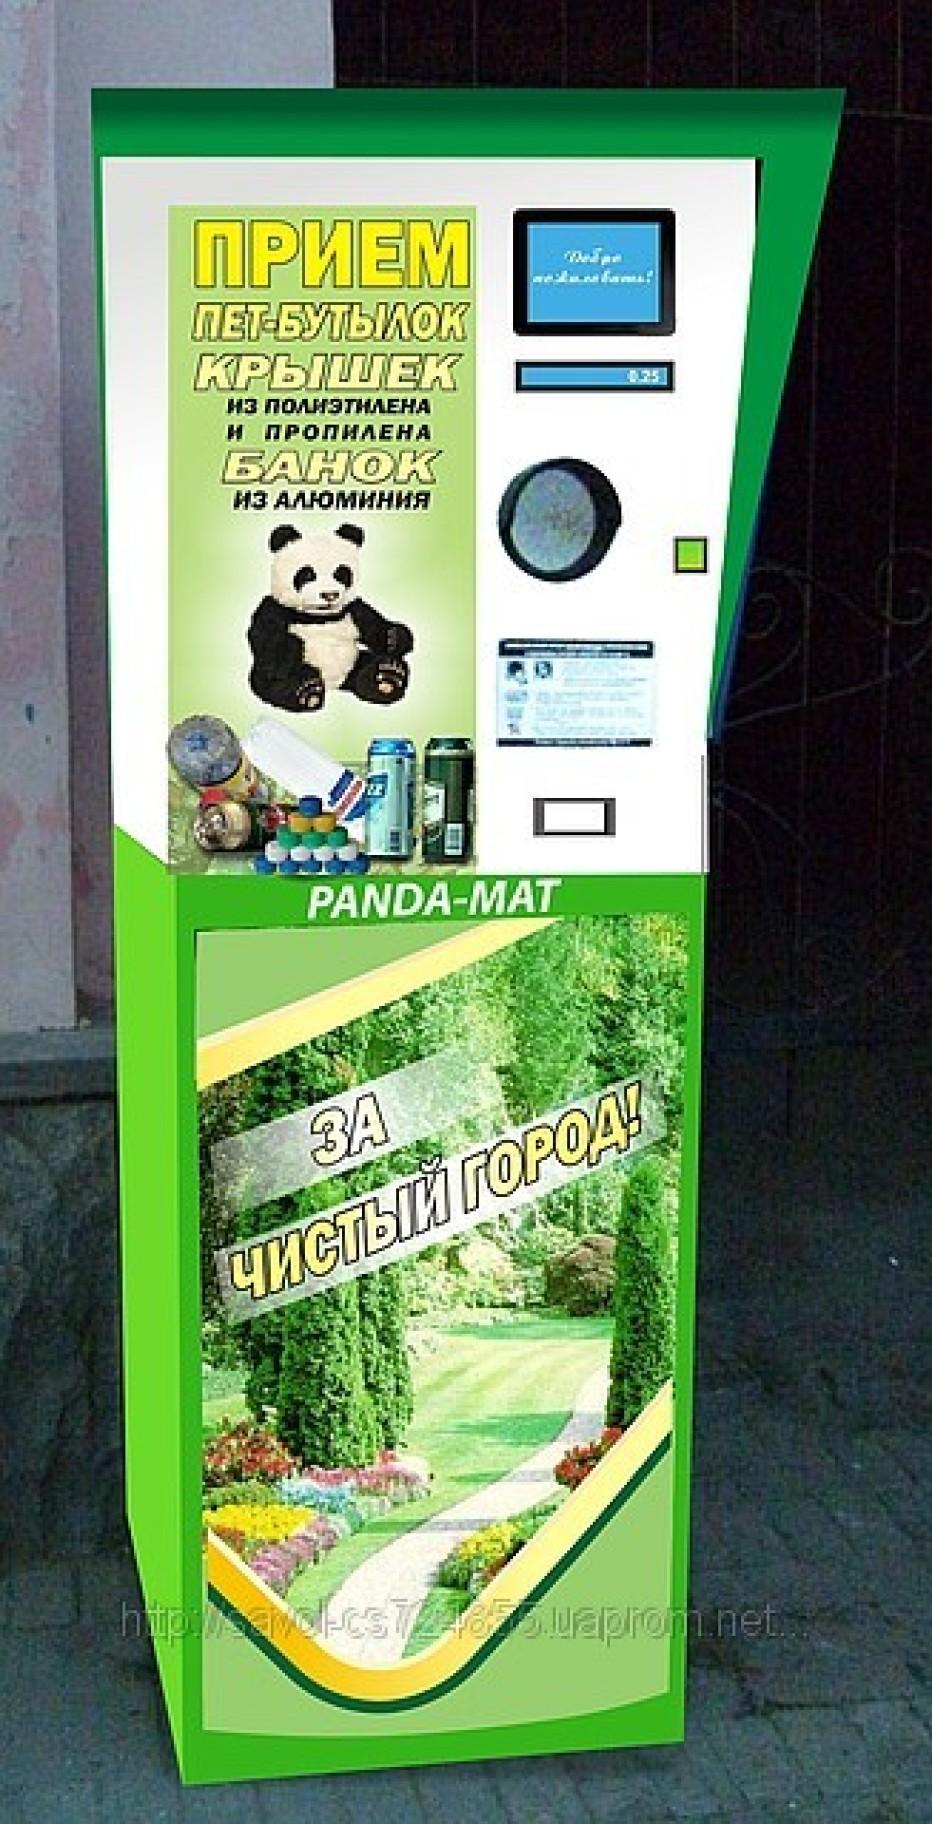 Панда-мат